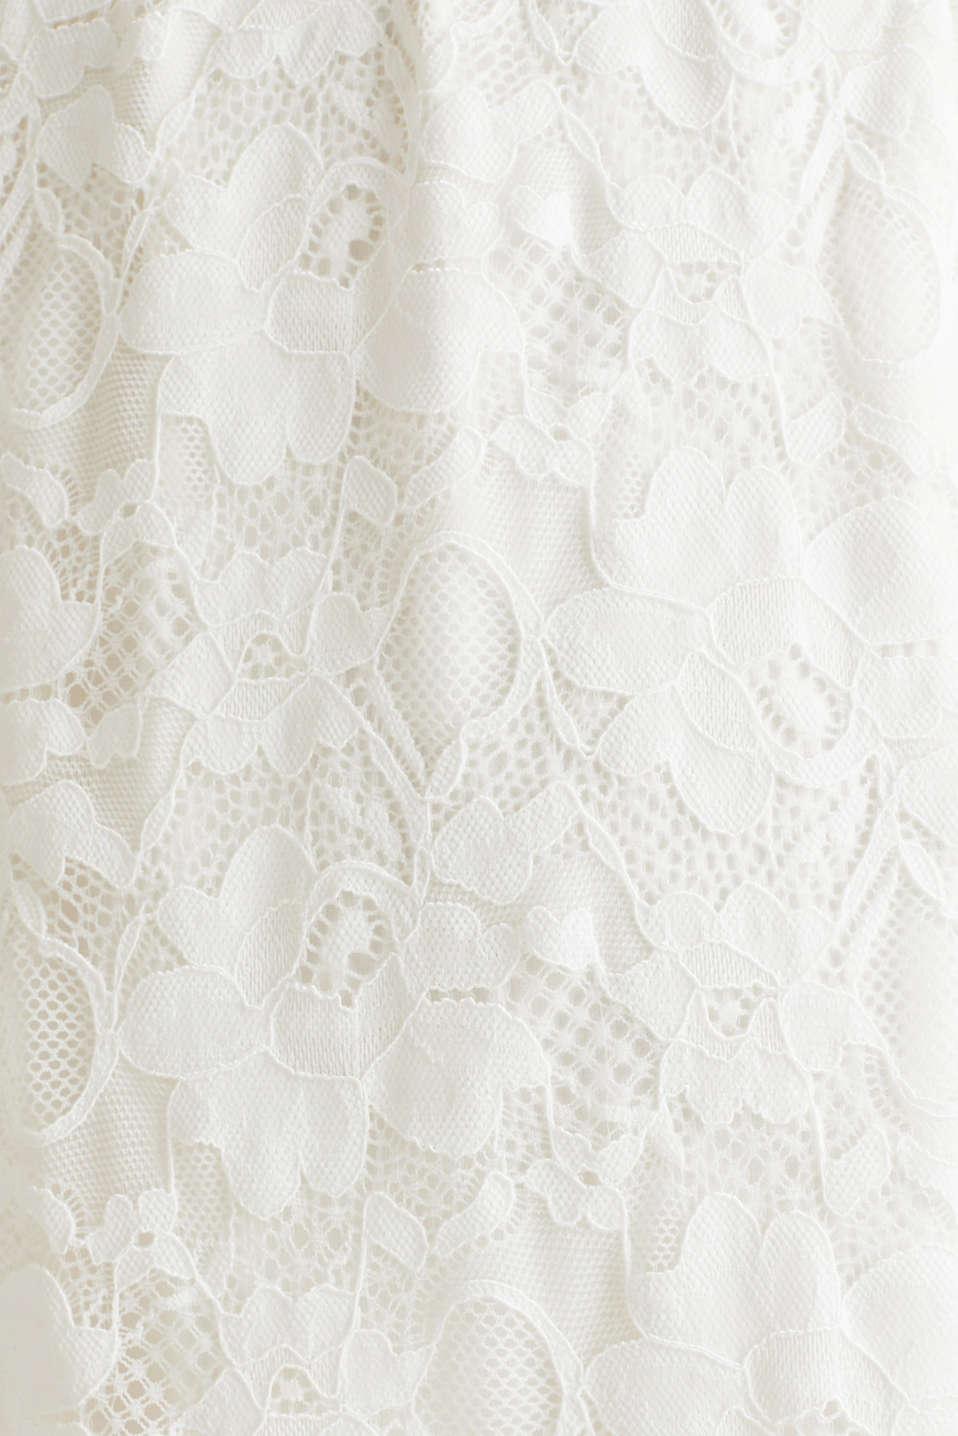 Nursing wedding dress, LCOFF WHITE, detail image number 4